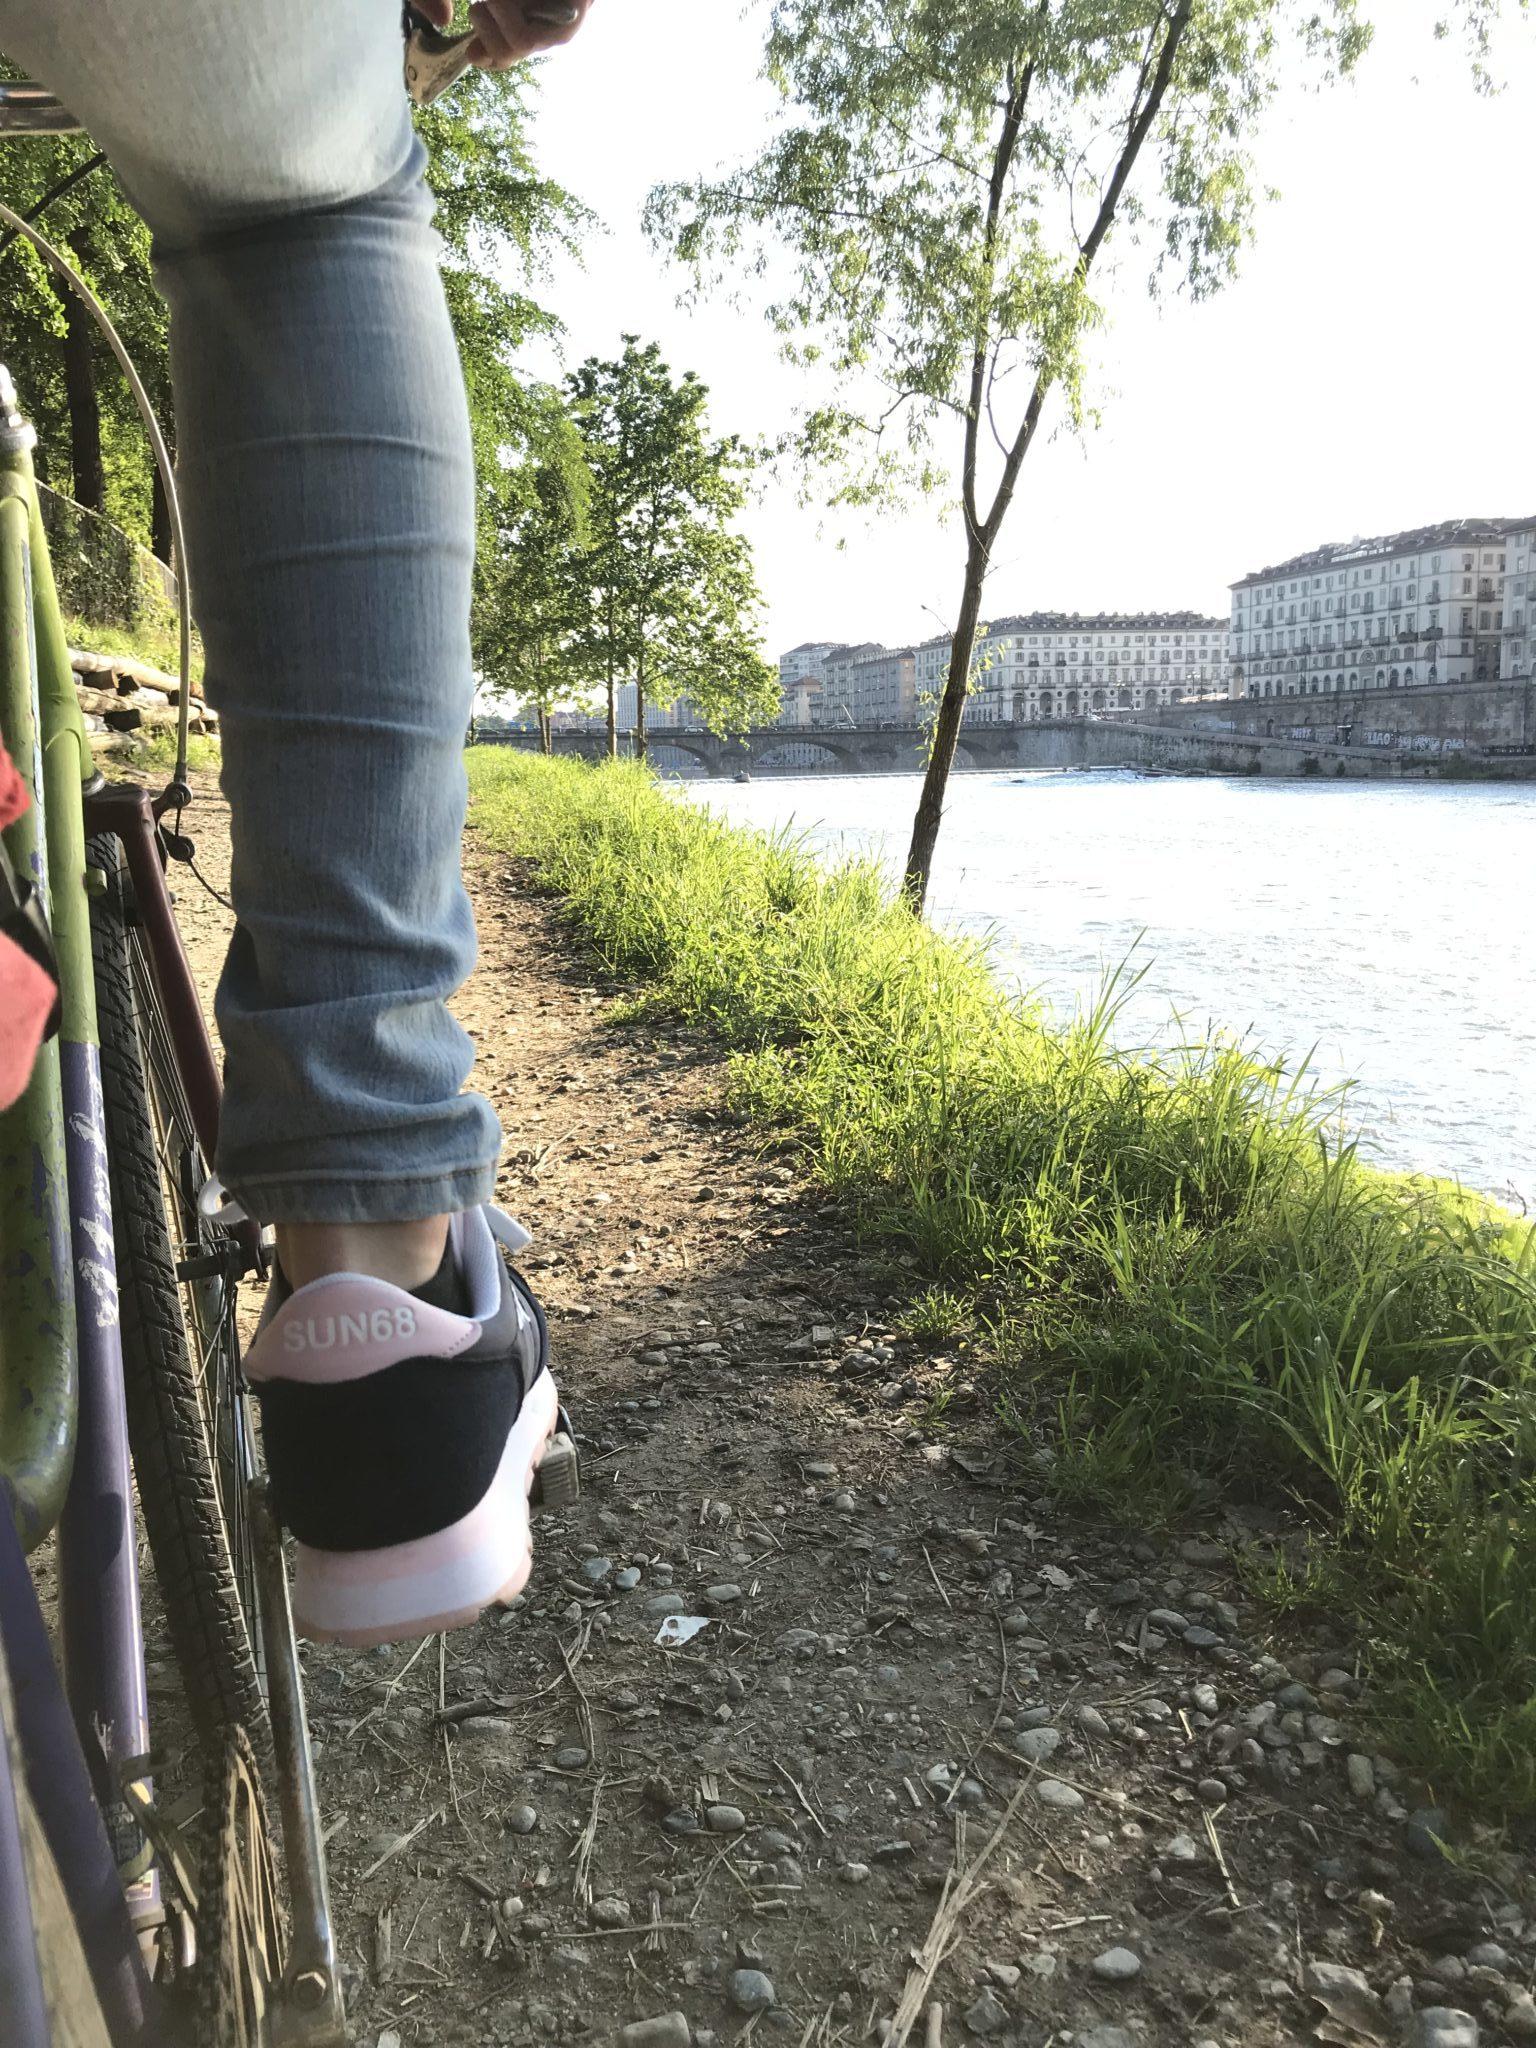 L'anima verde di Torino da percorrere in bicicletta: seguendo il flusso del Po fra sentieri, centri ippici e ristorantini per sentirsi a casa e in campagna